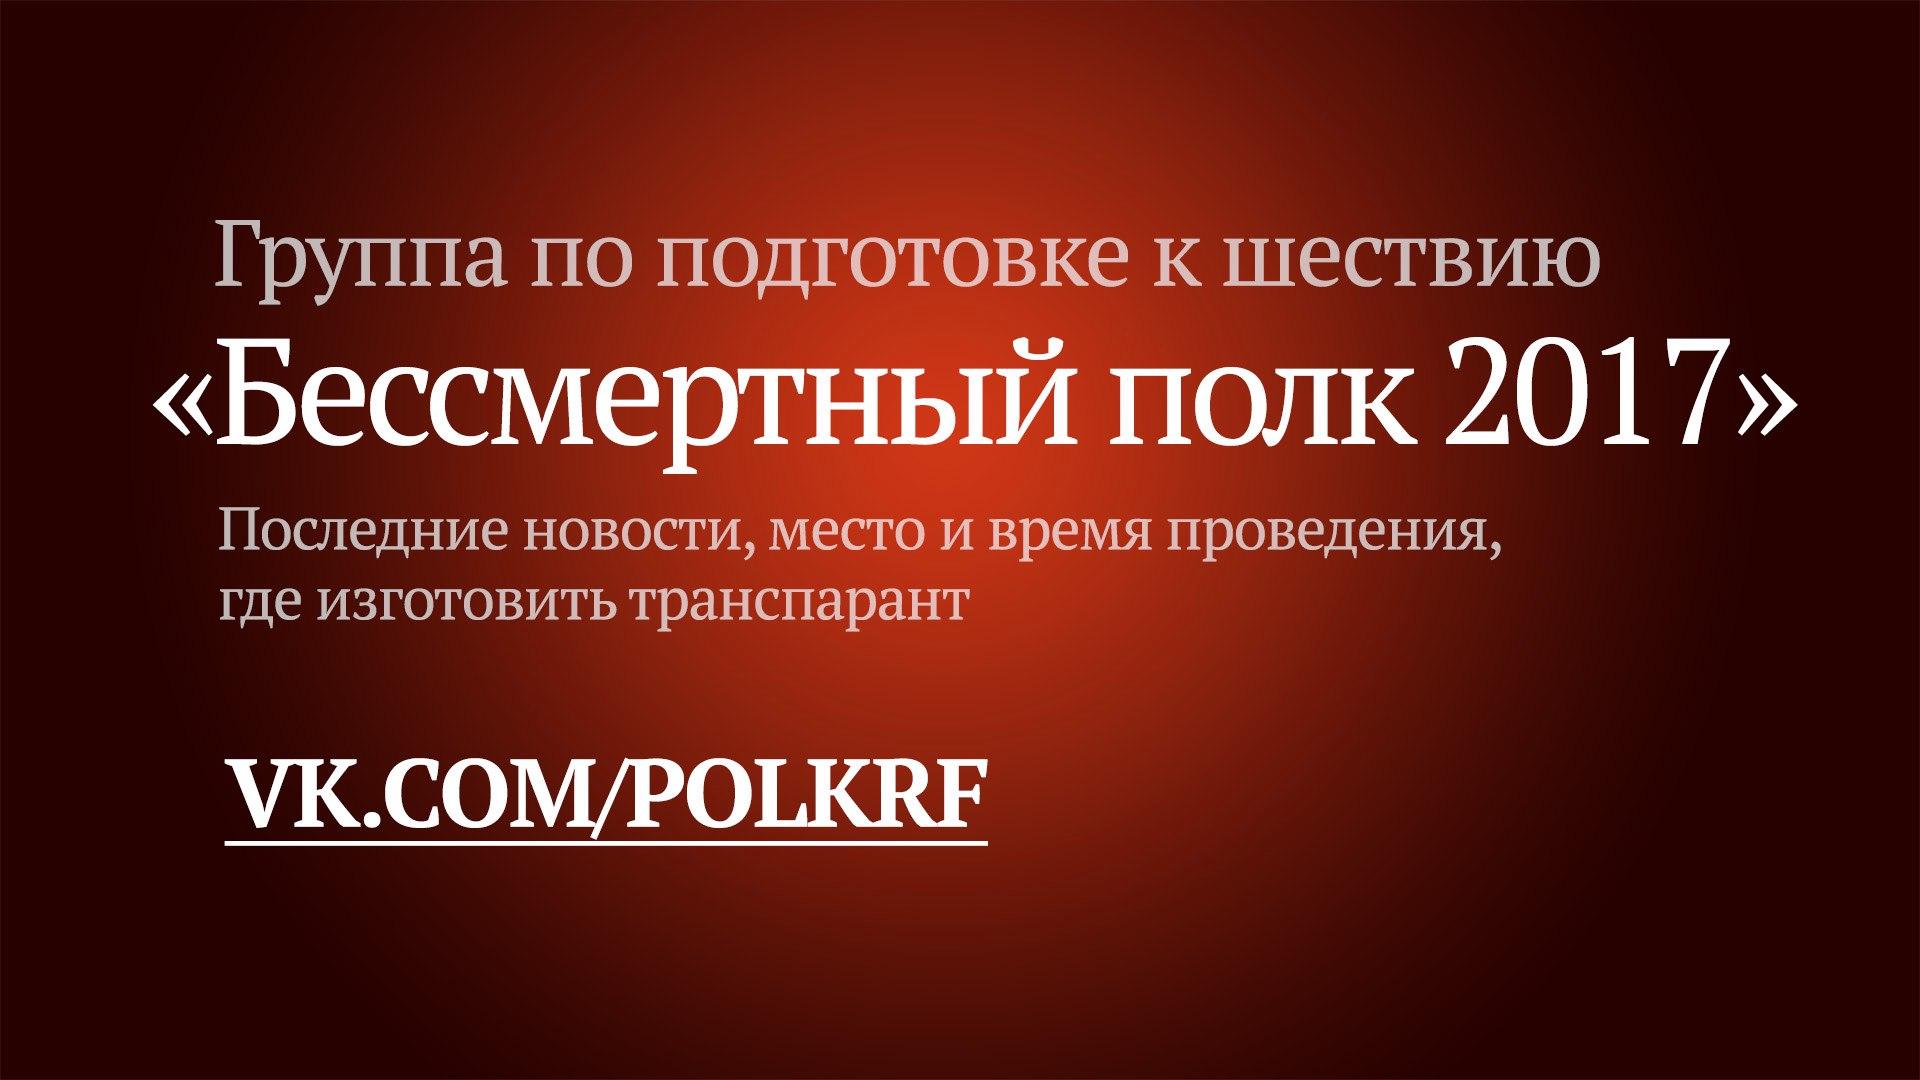 """В помощь участникам шествия """"Бессмертный полк-2017"""""""